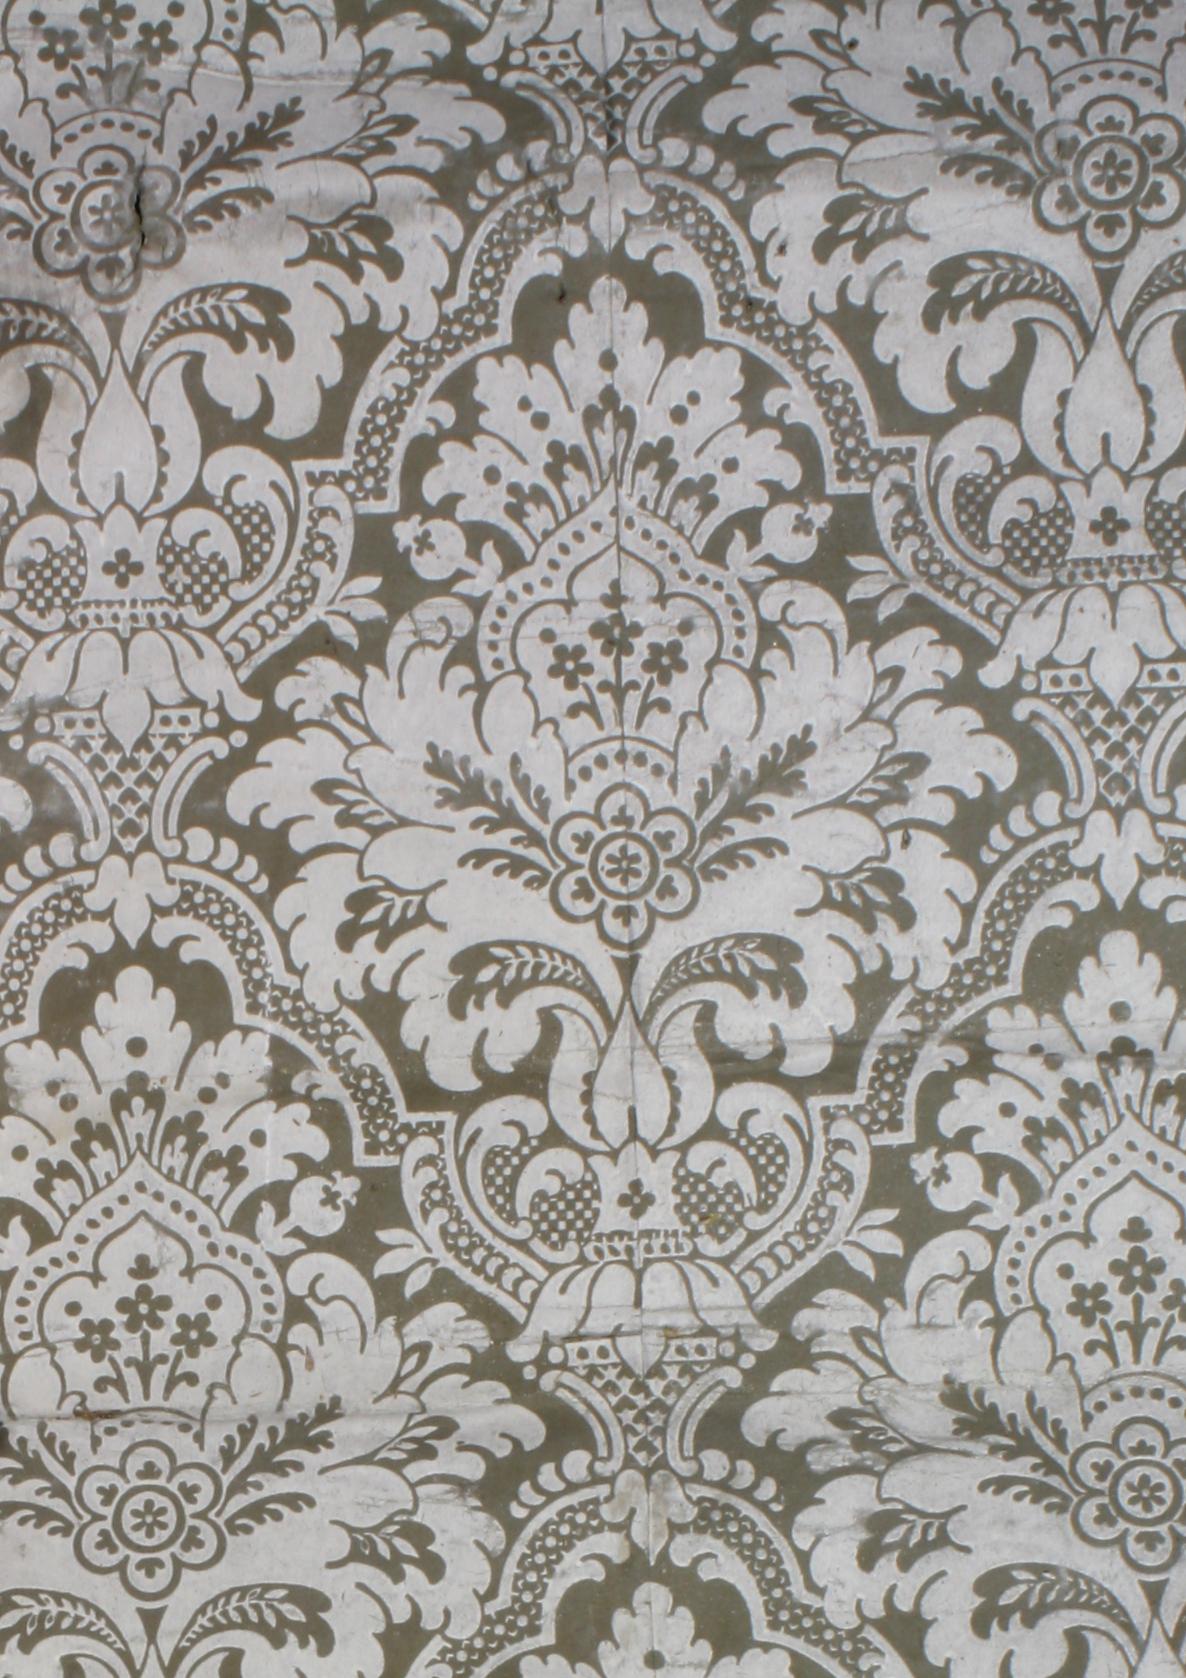 file mhg 2010 439 tapete vz bs detail mi riss. Black Bedroom Furniture Sets. Home Design Ideas